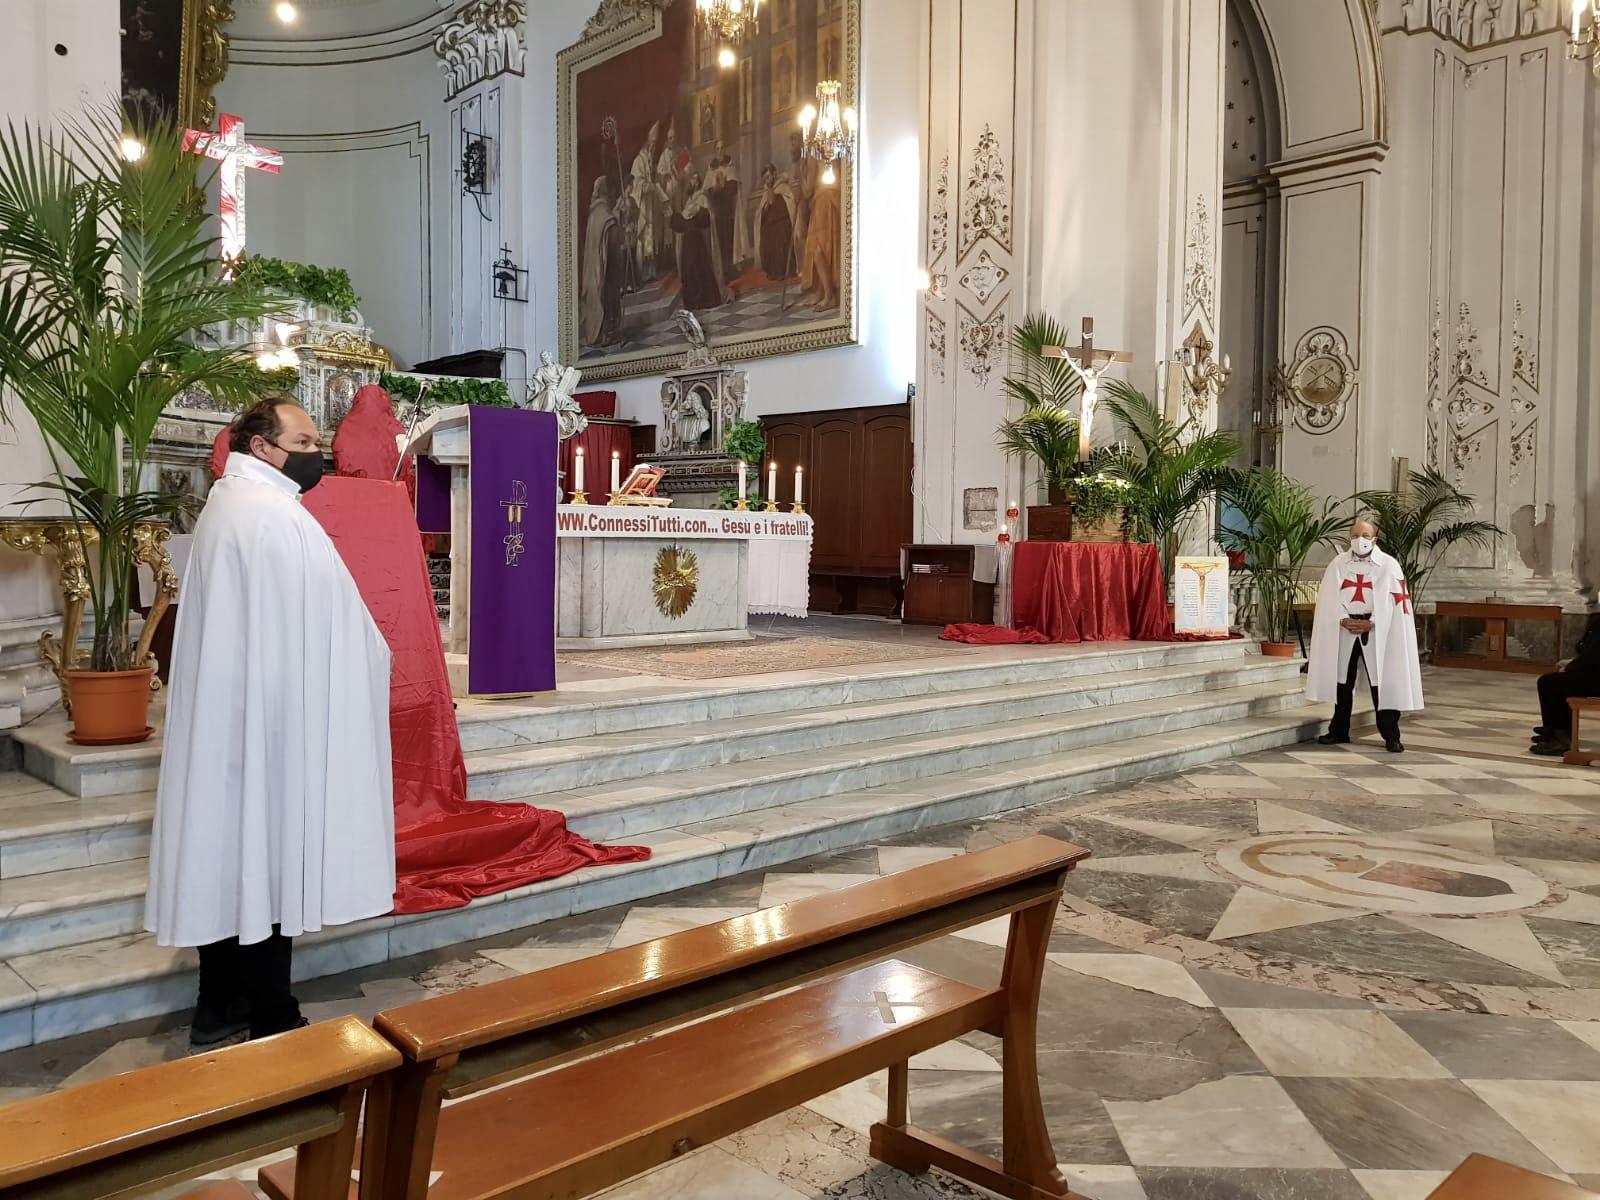 Turno di custodia del Santuario Basilica Maria SS. Annunziata al Carmine – Catania 21.02.2021